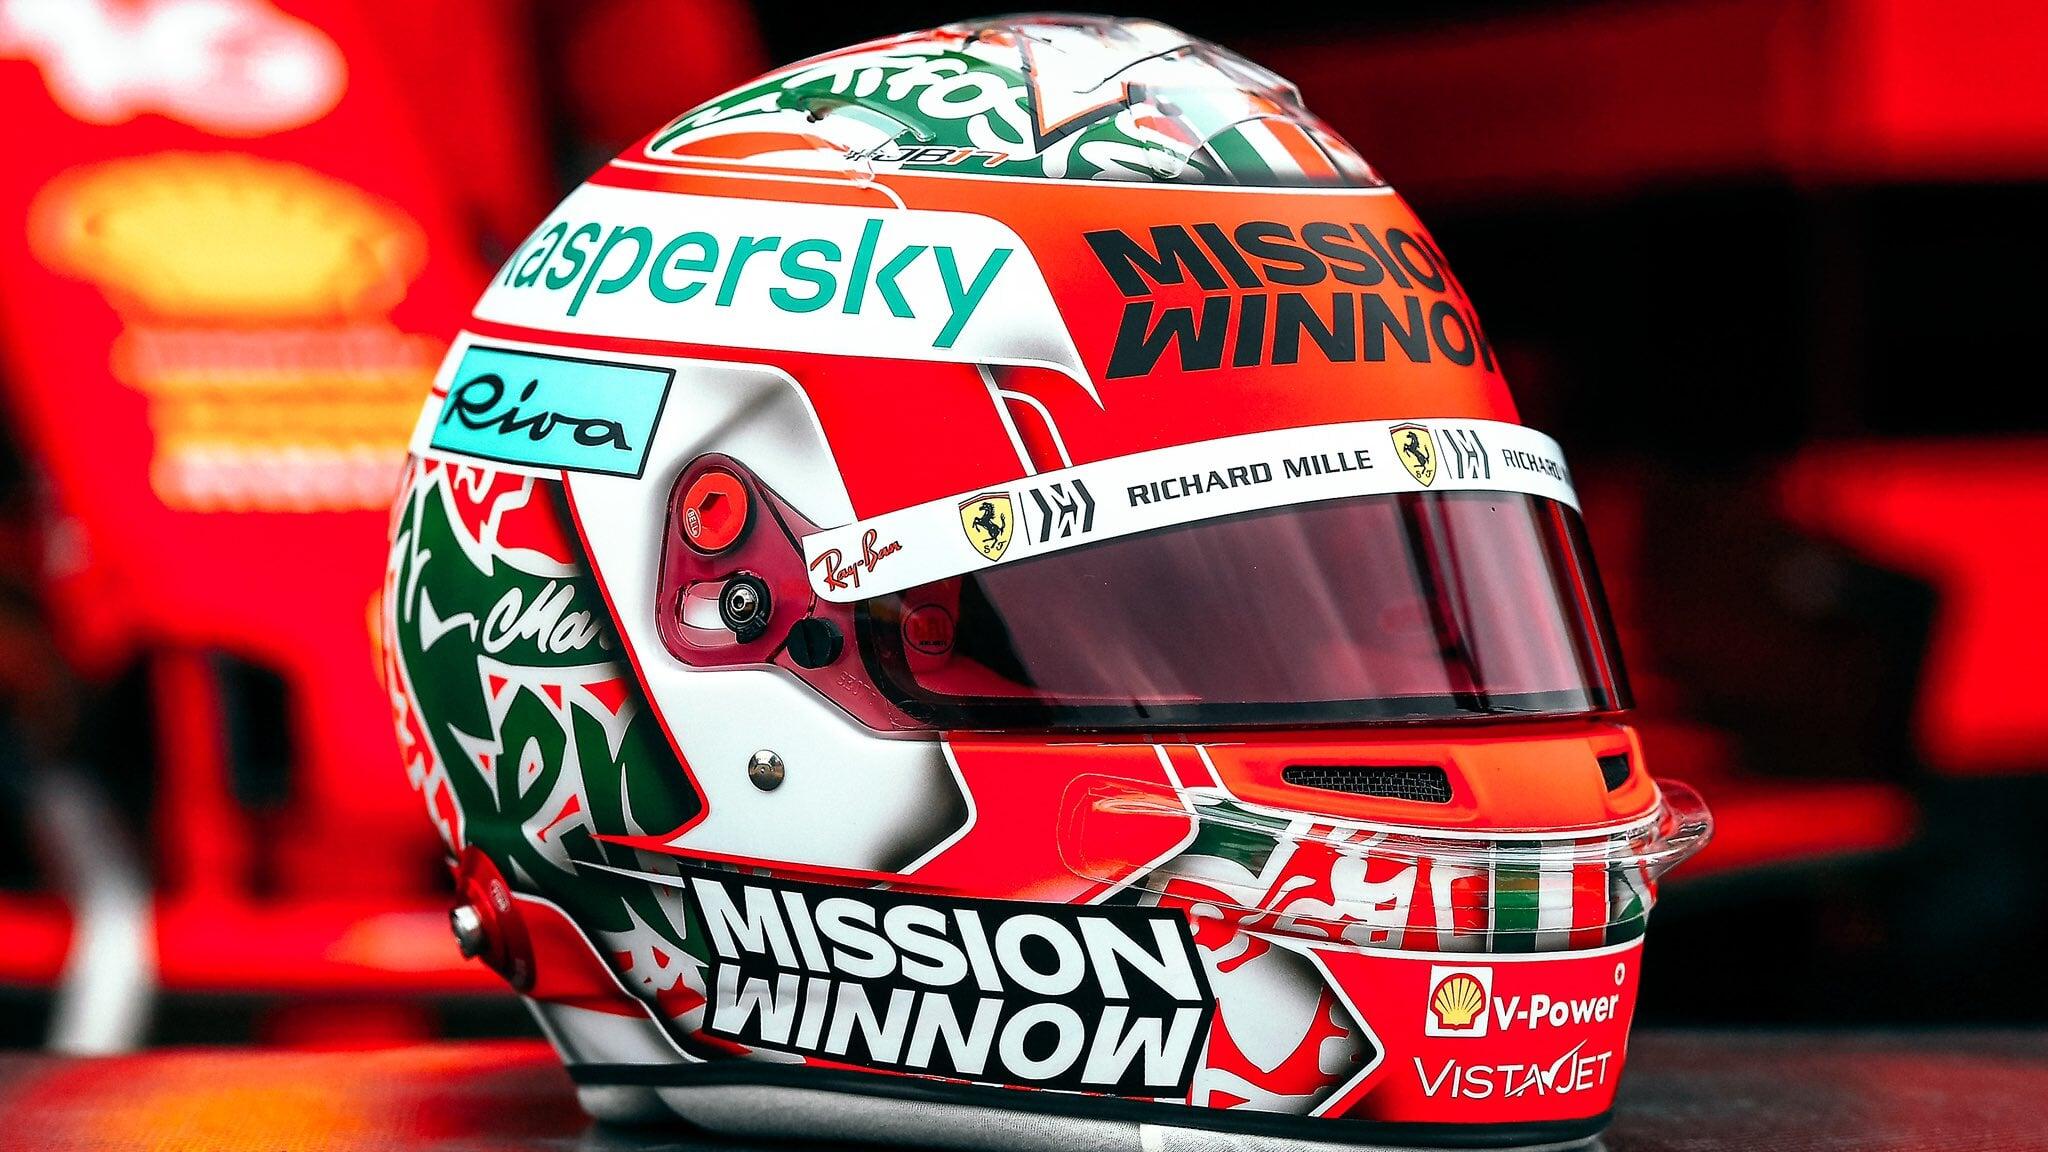 Леклер показал шлем для гонки в Имоле, посвященный тифози